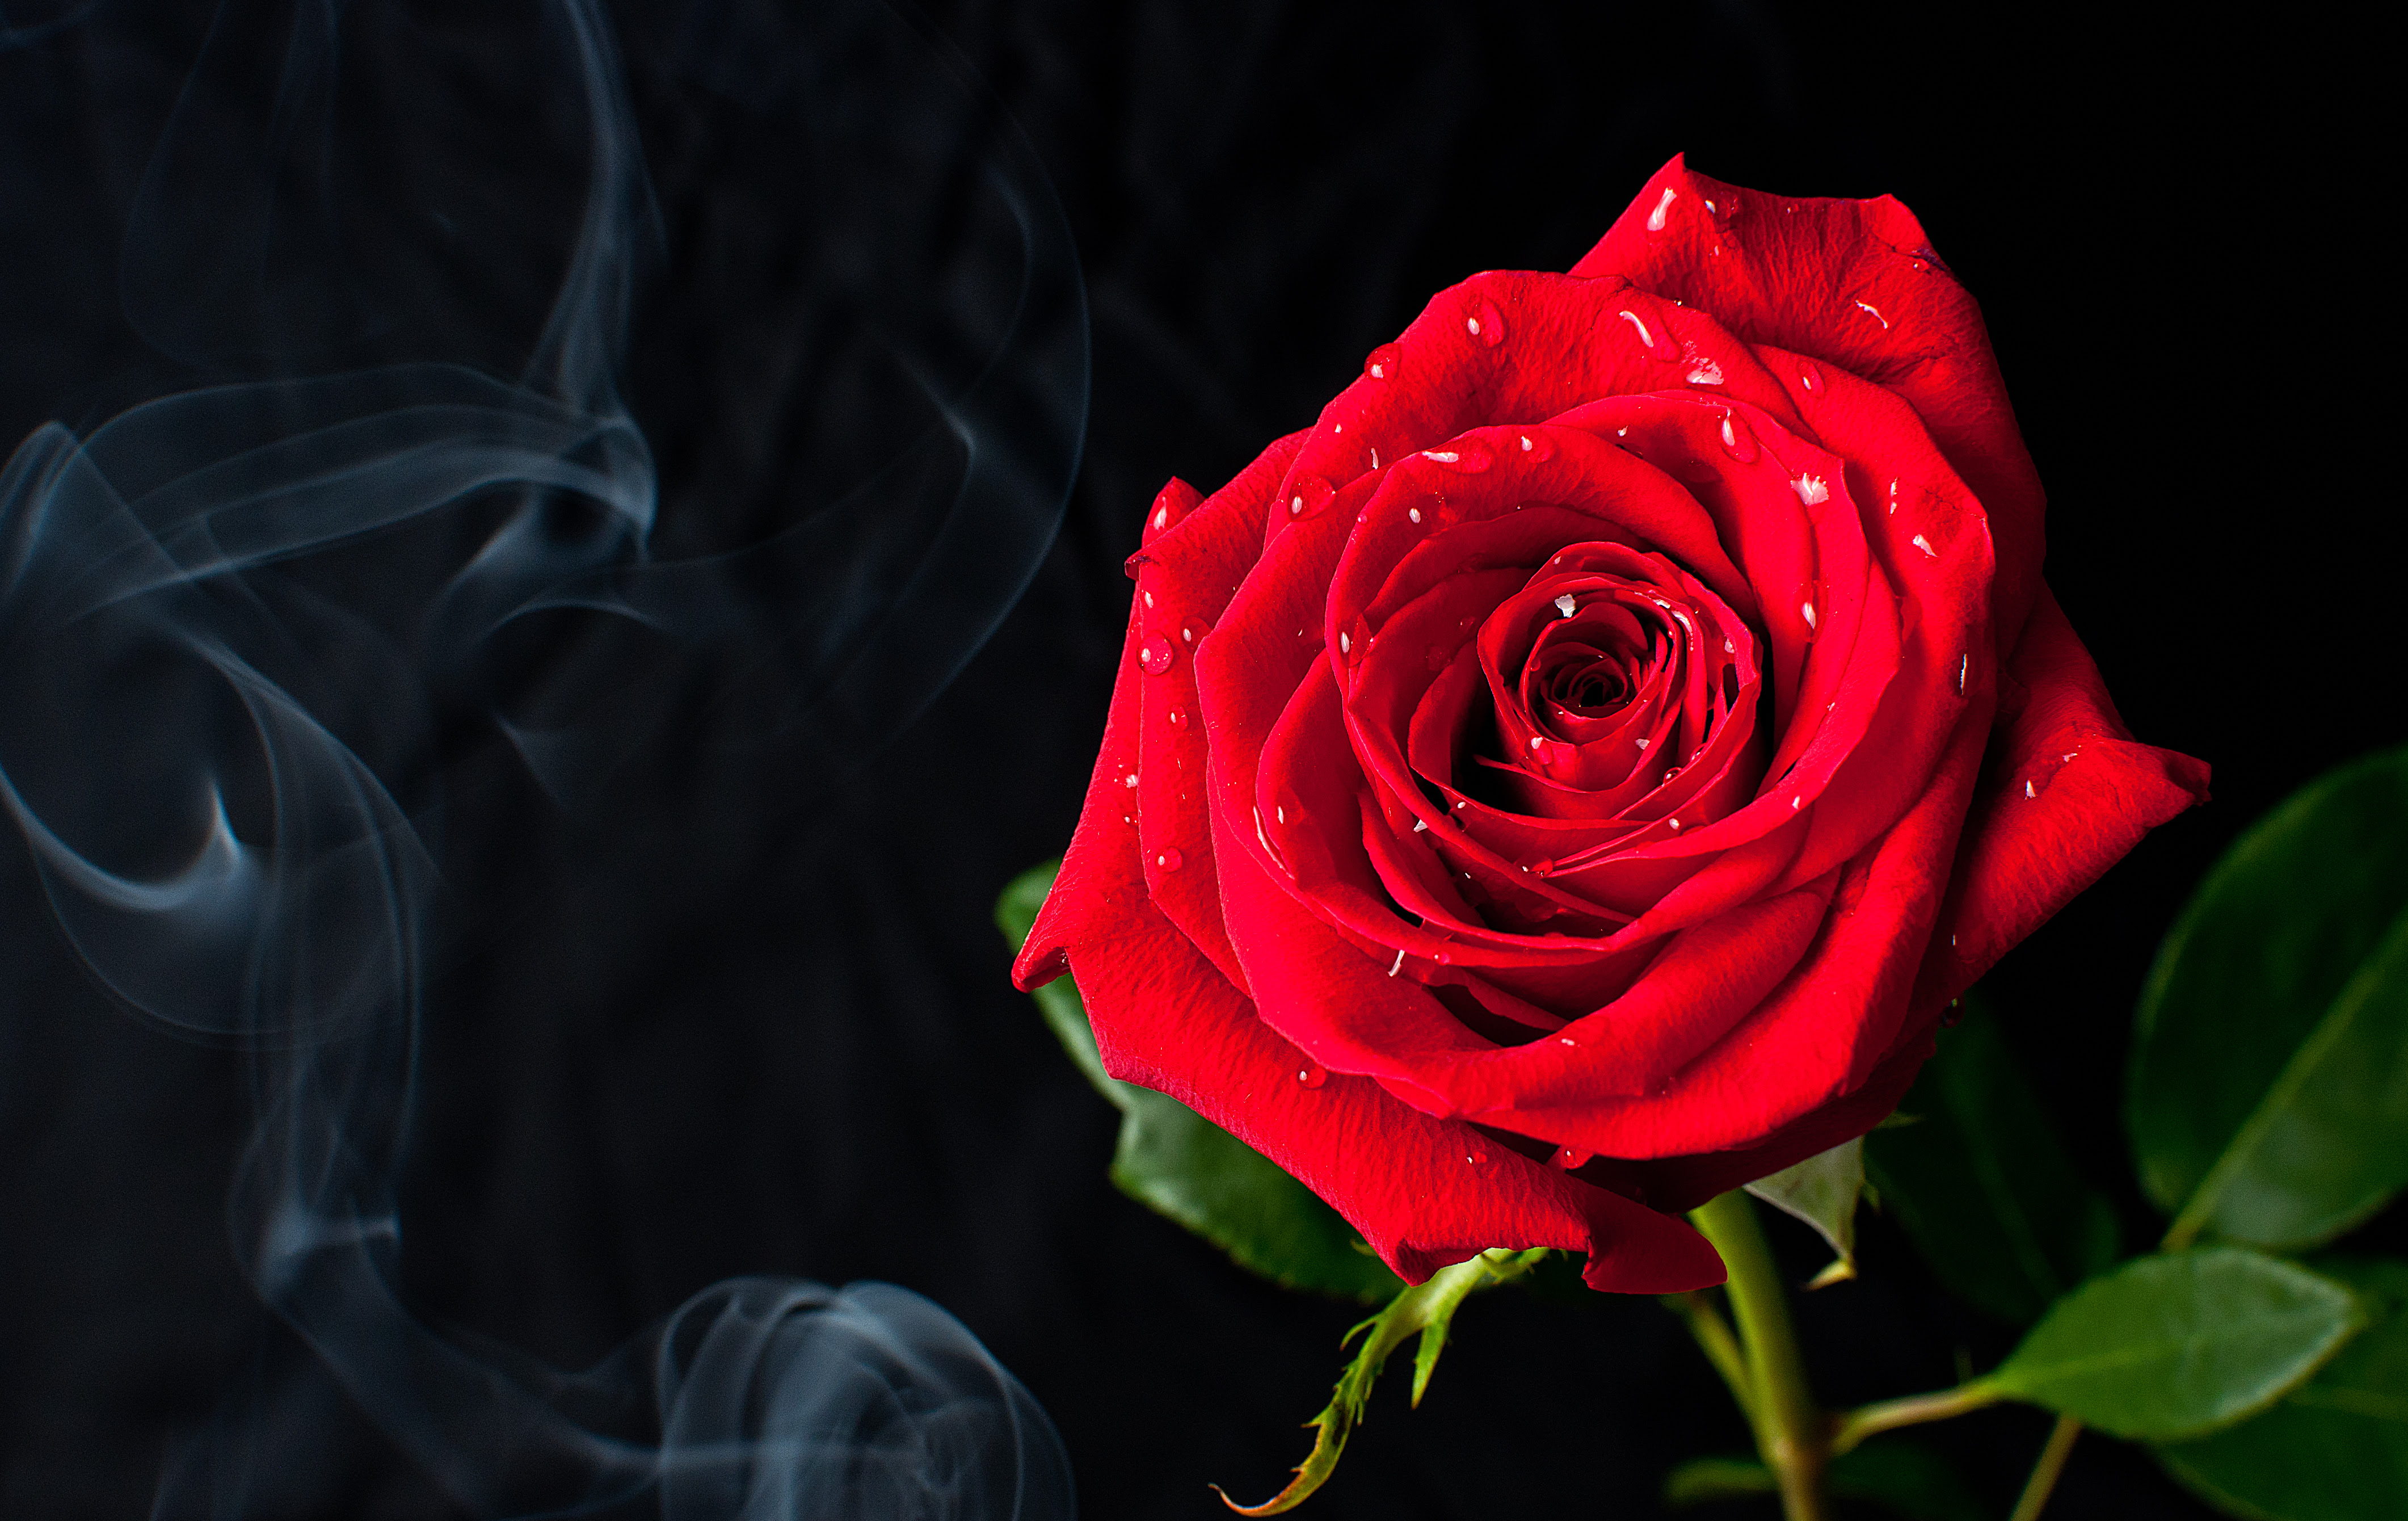 フリー写真素材花植物薔薇バラ赤色の花画像素材なら無料